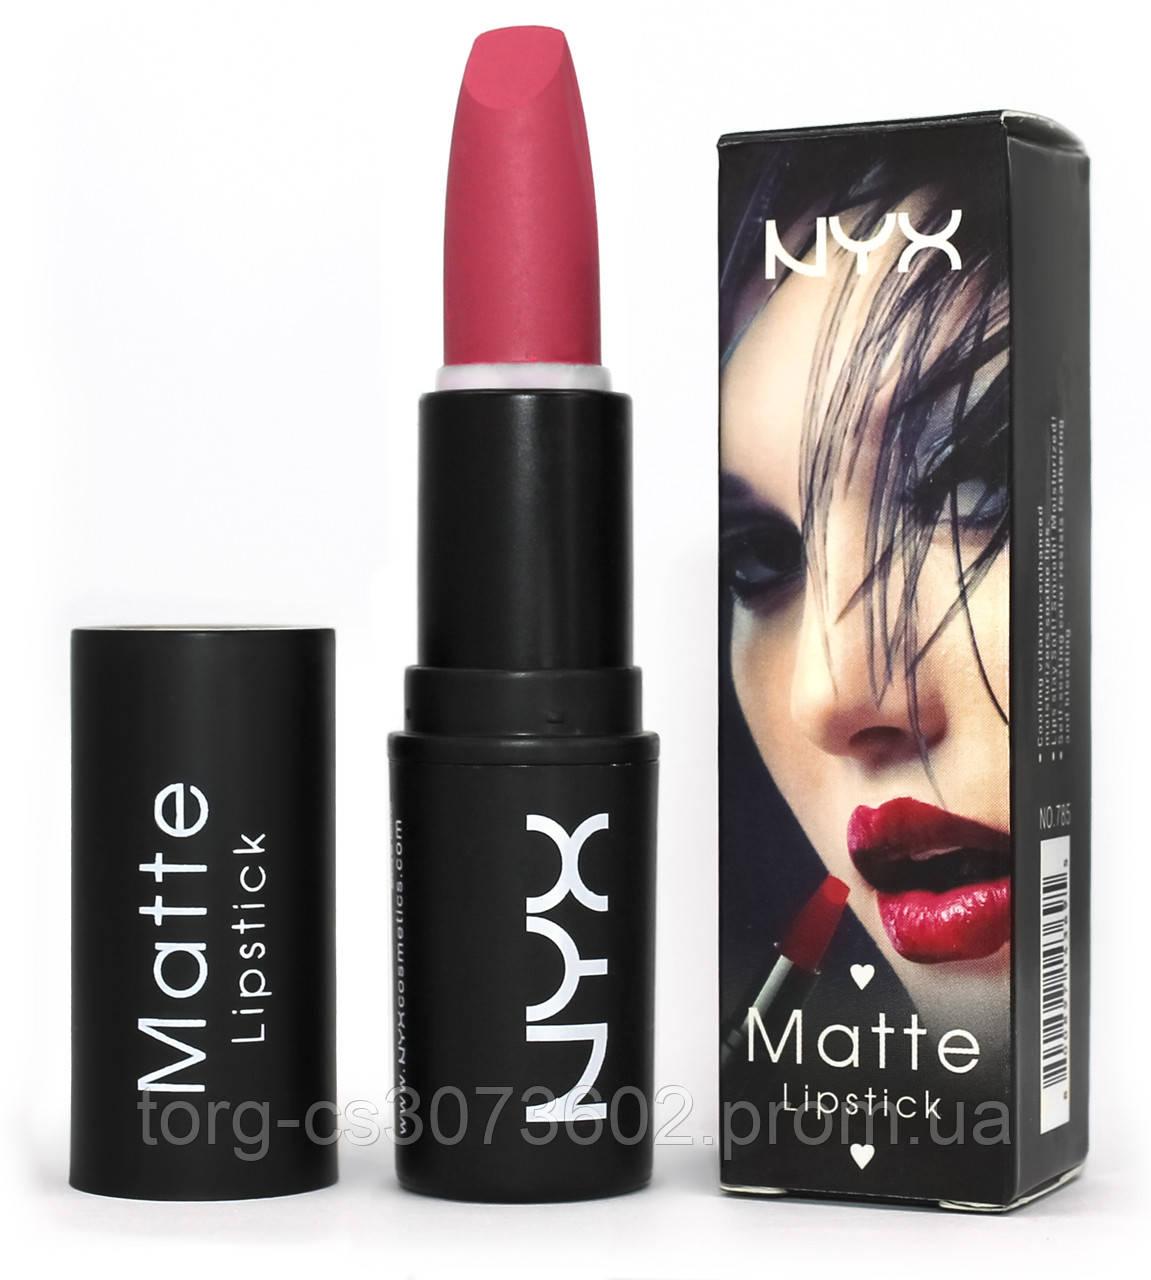 Матова помада NYX Matte Lipstick No:785